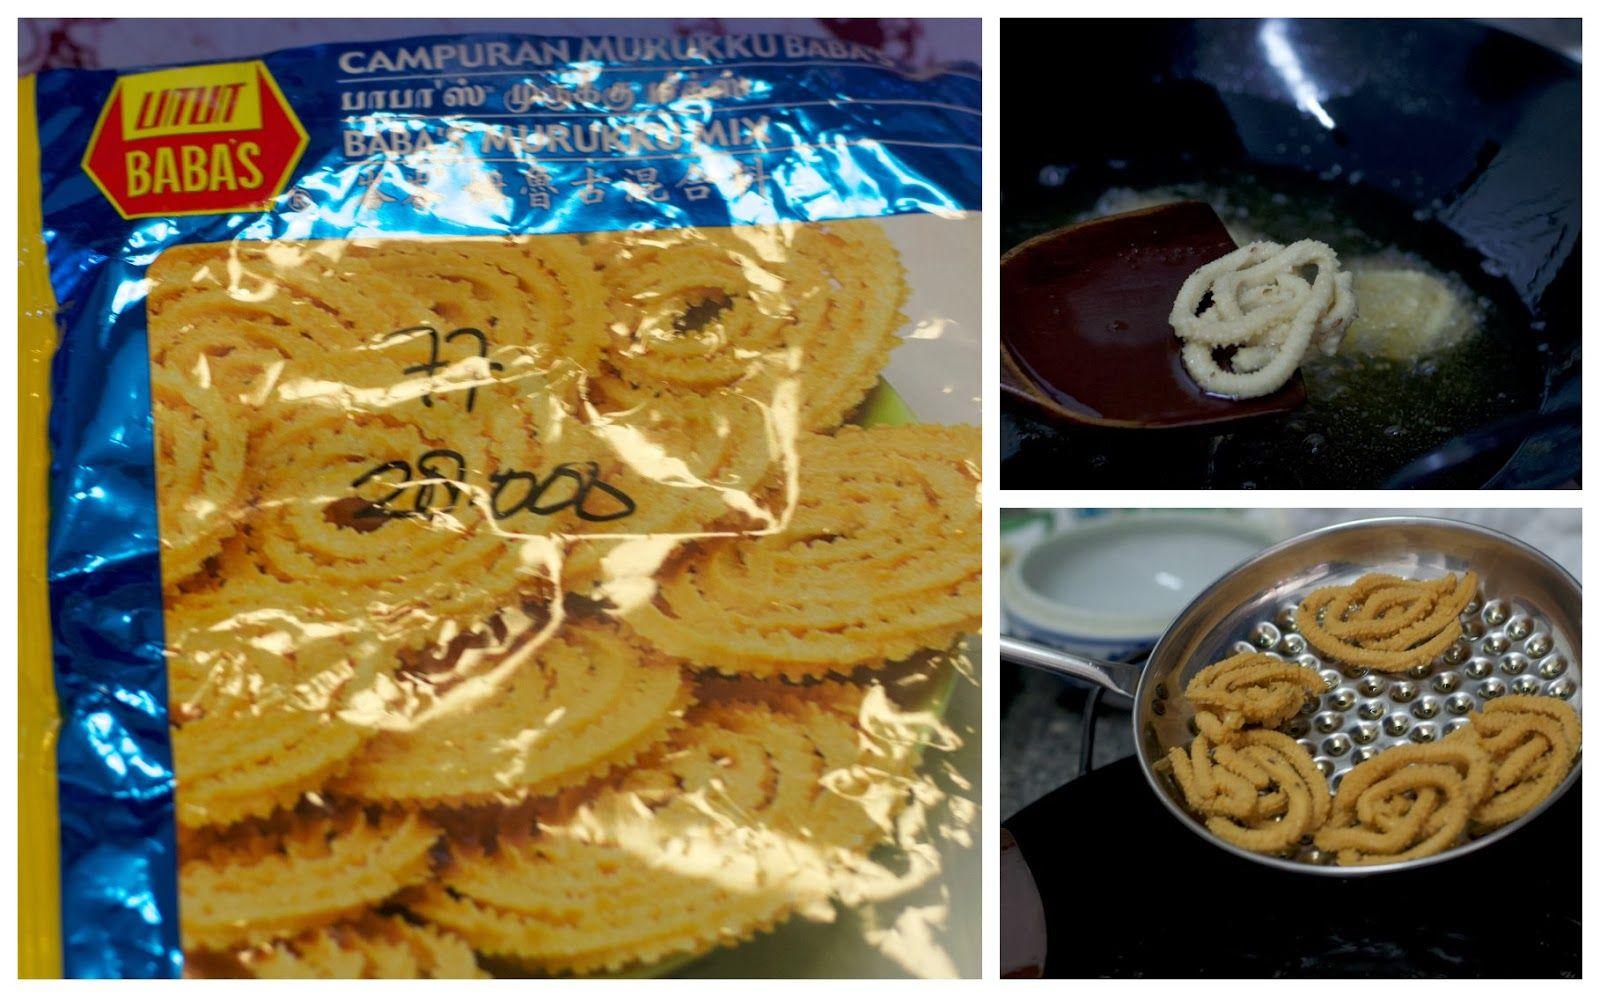 Murukku adalah salah satu snack yang biasanya disajikan di